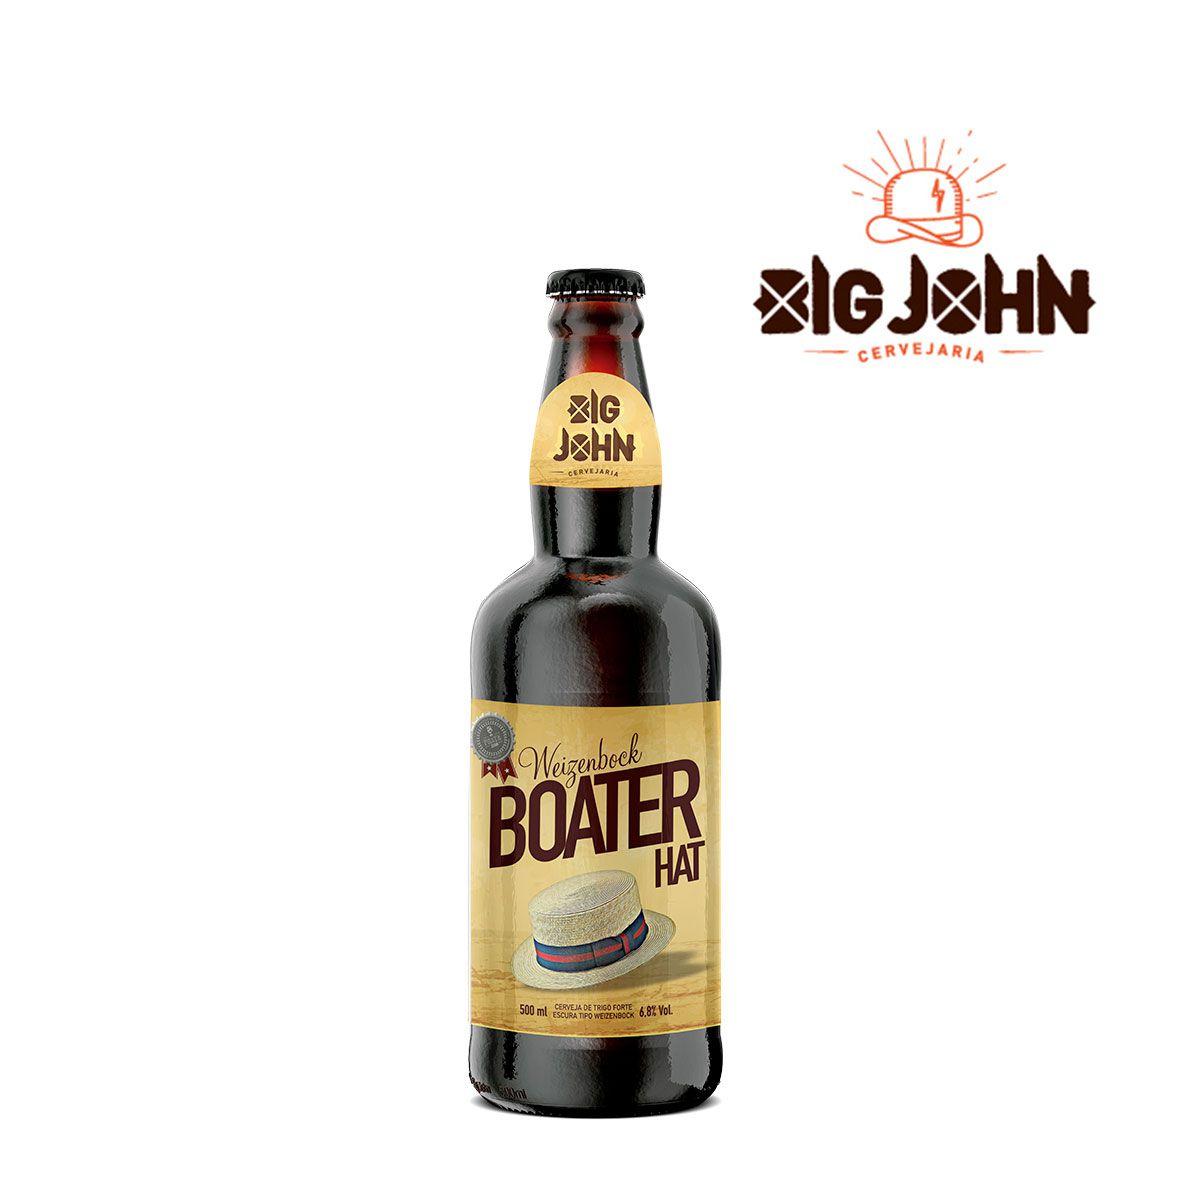 Cerveja Artesanal Big John Weizenbock Boater Hat 500ml